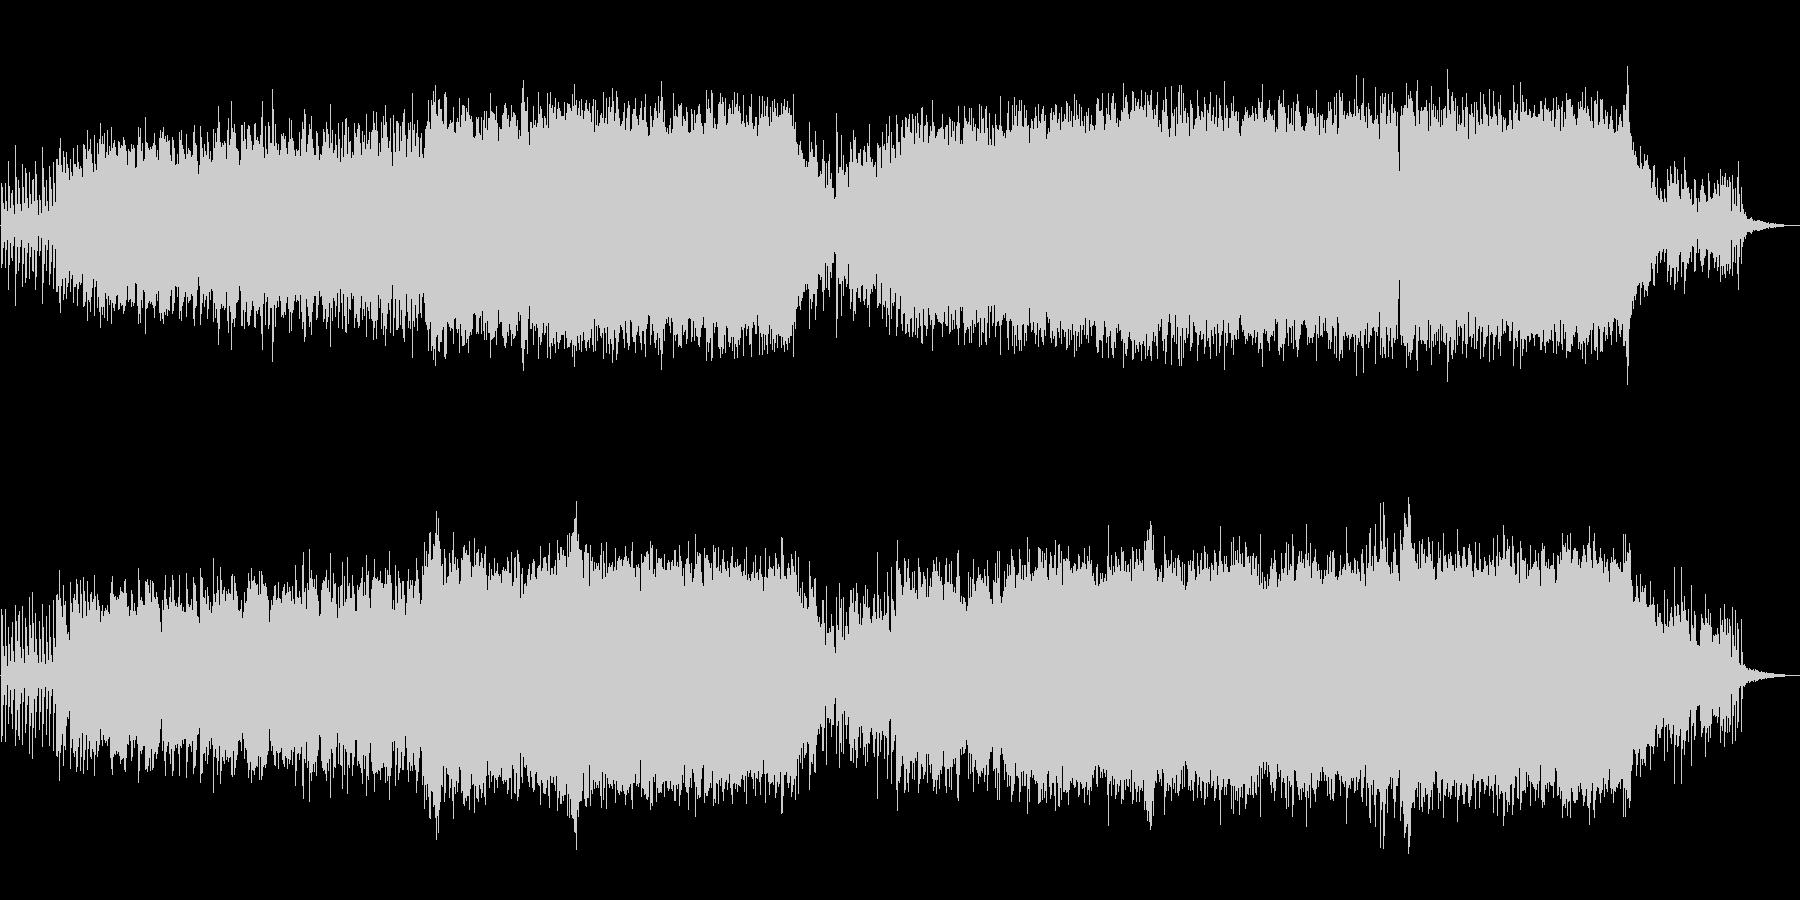 【生演奏】壮大オーケストラバラードの未再生の波形